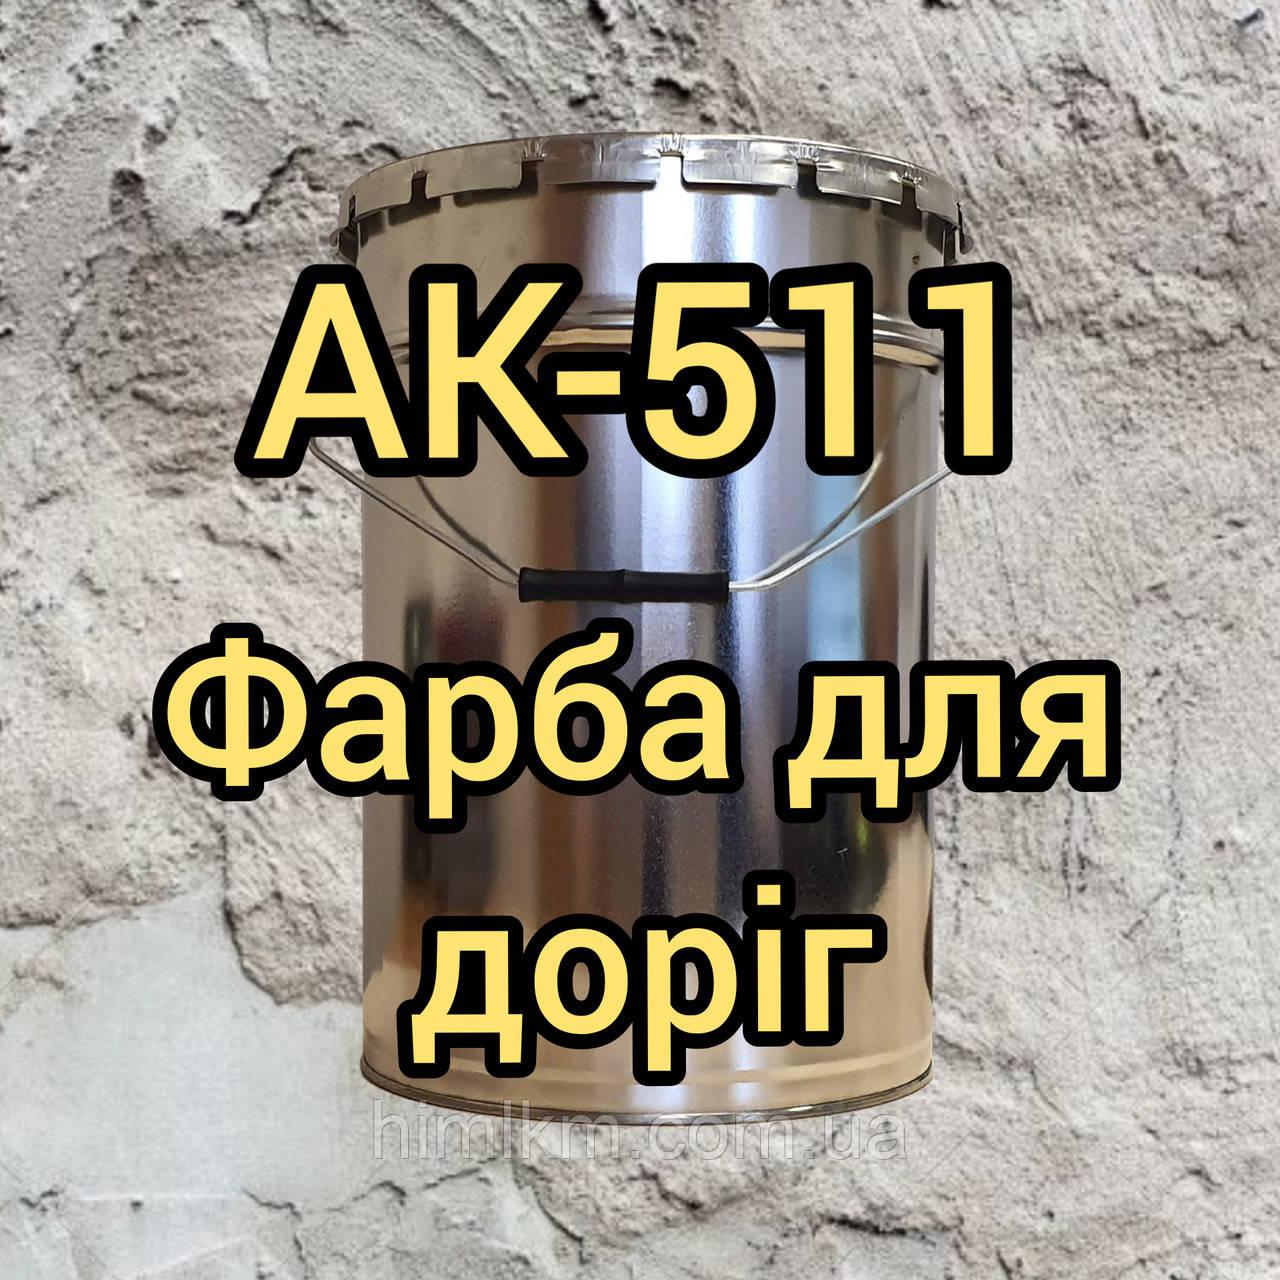 Эмаль АК-511 для разметки проезжей части автомобильных дорог общего пользования, 30кг